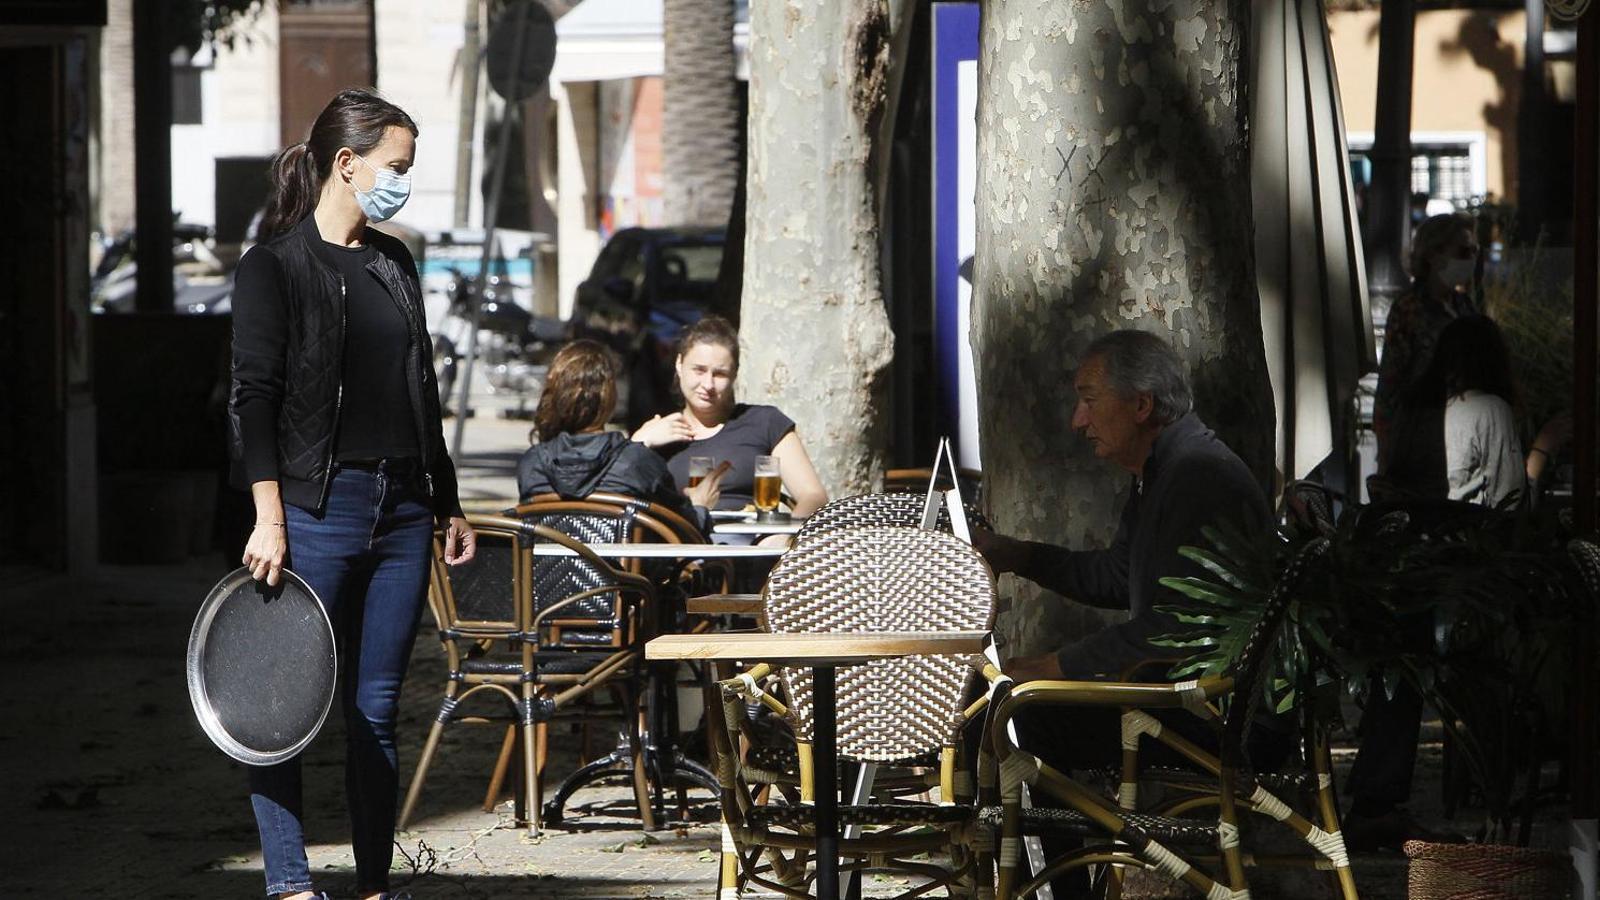 L'economia de les Balears   Toca fons  amb la caiguda  Del 40,5% del PIB